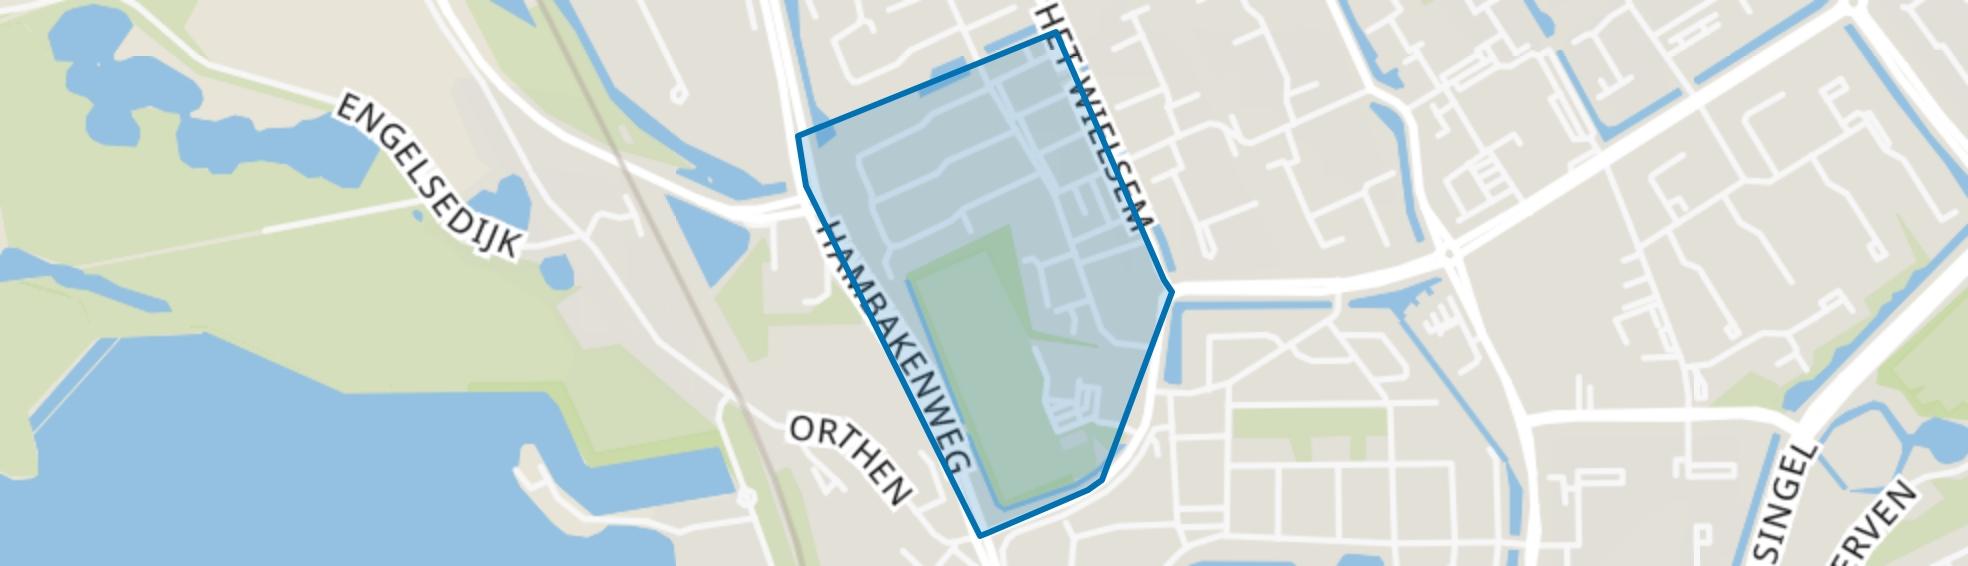 De Edelstenenbuurt, Den Bosch map